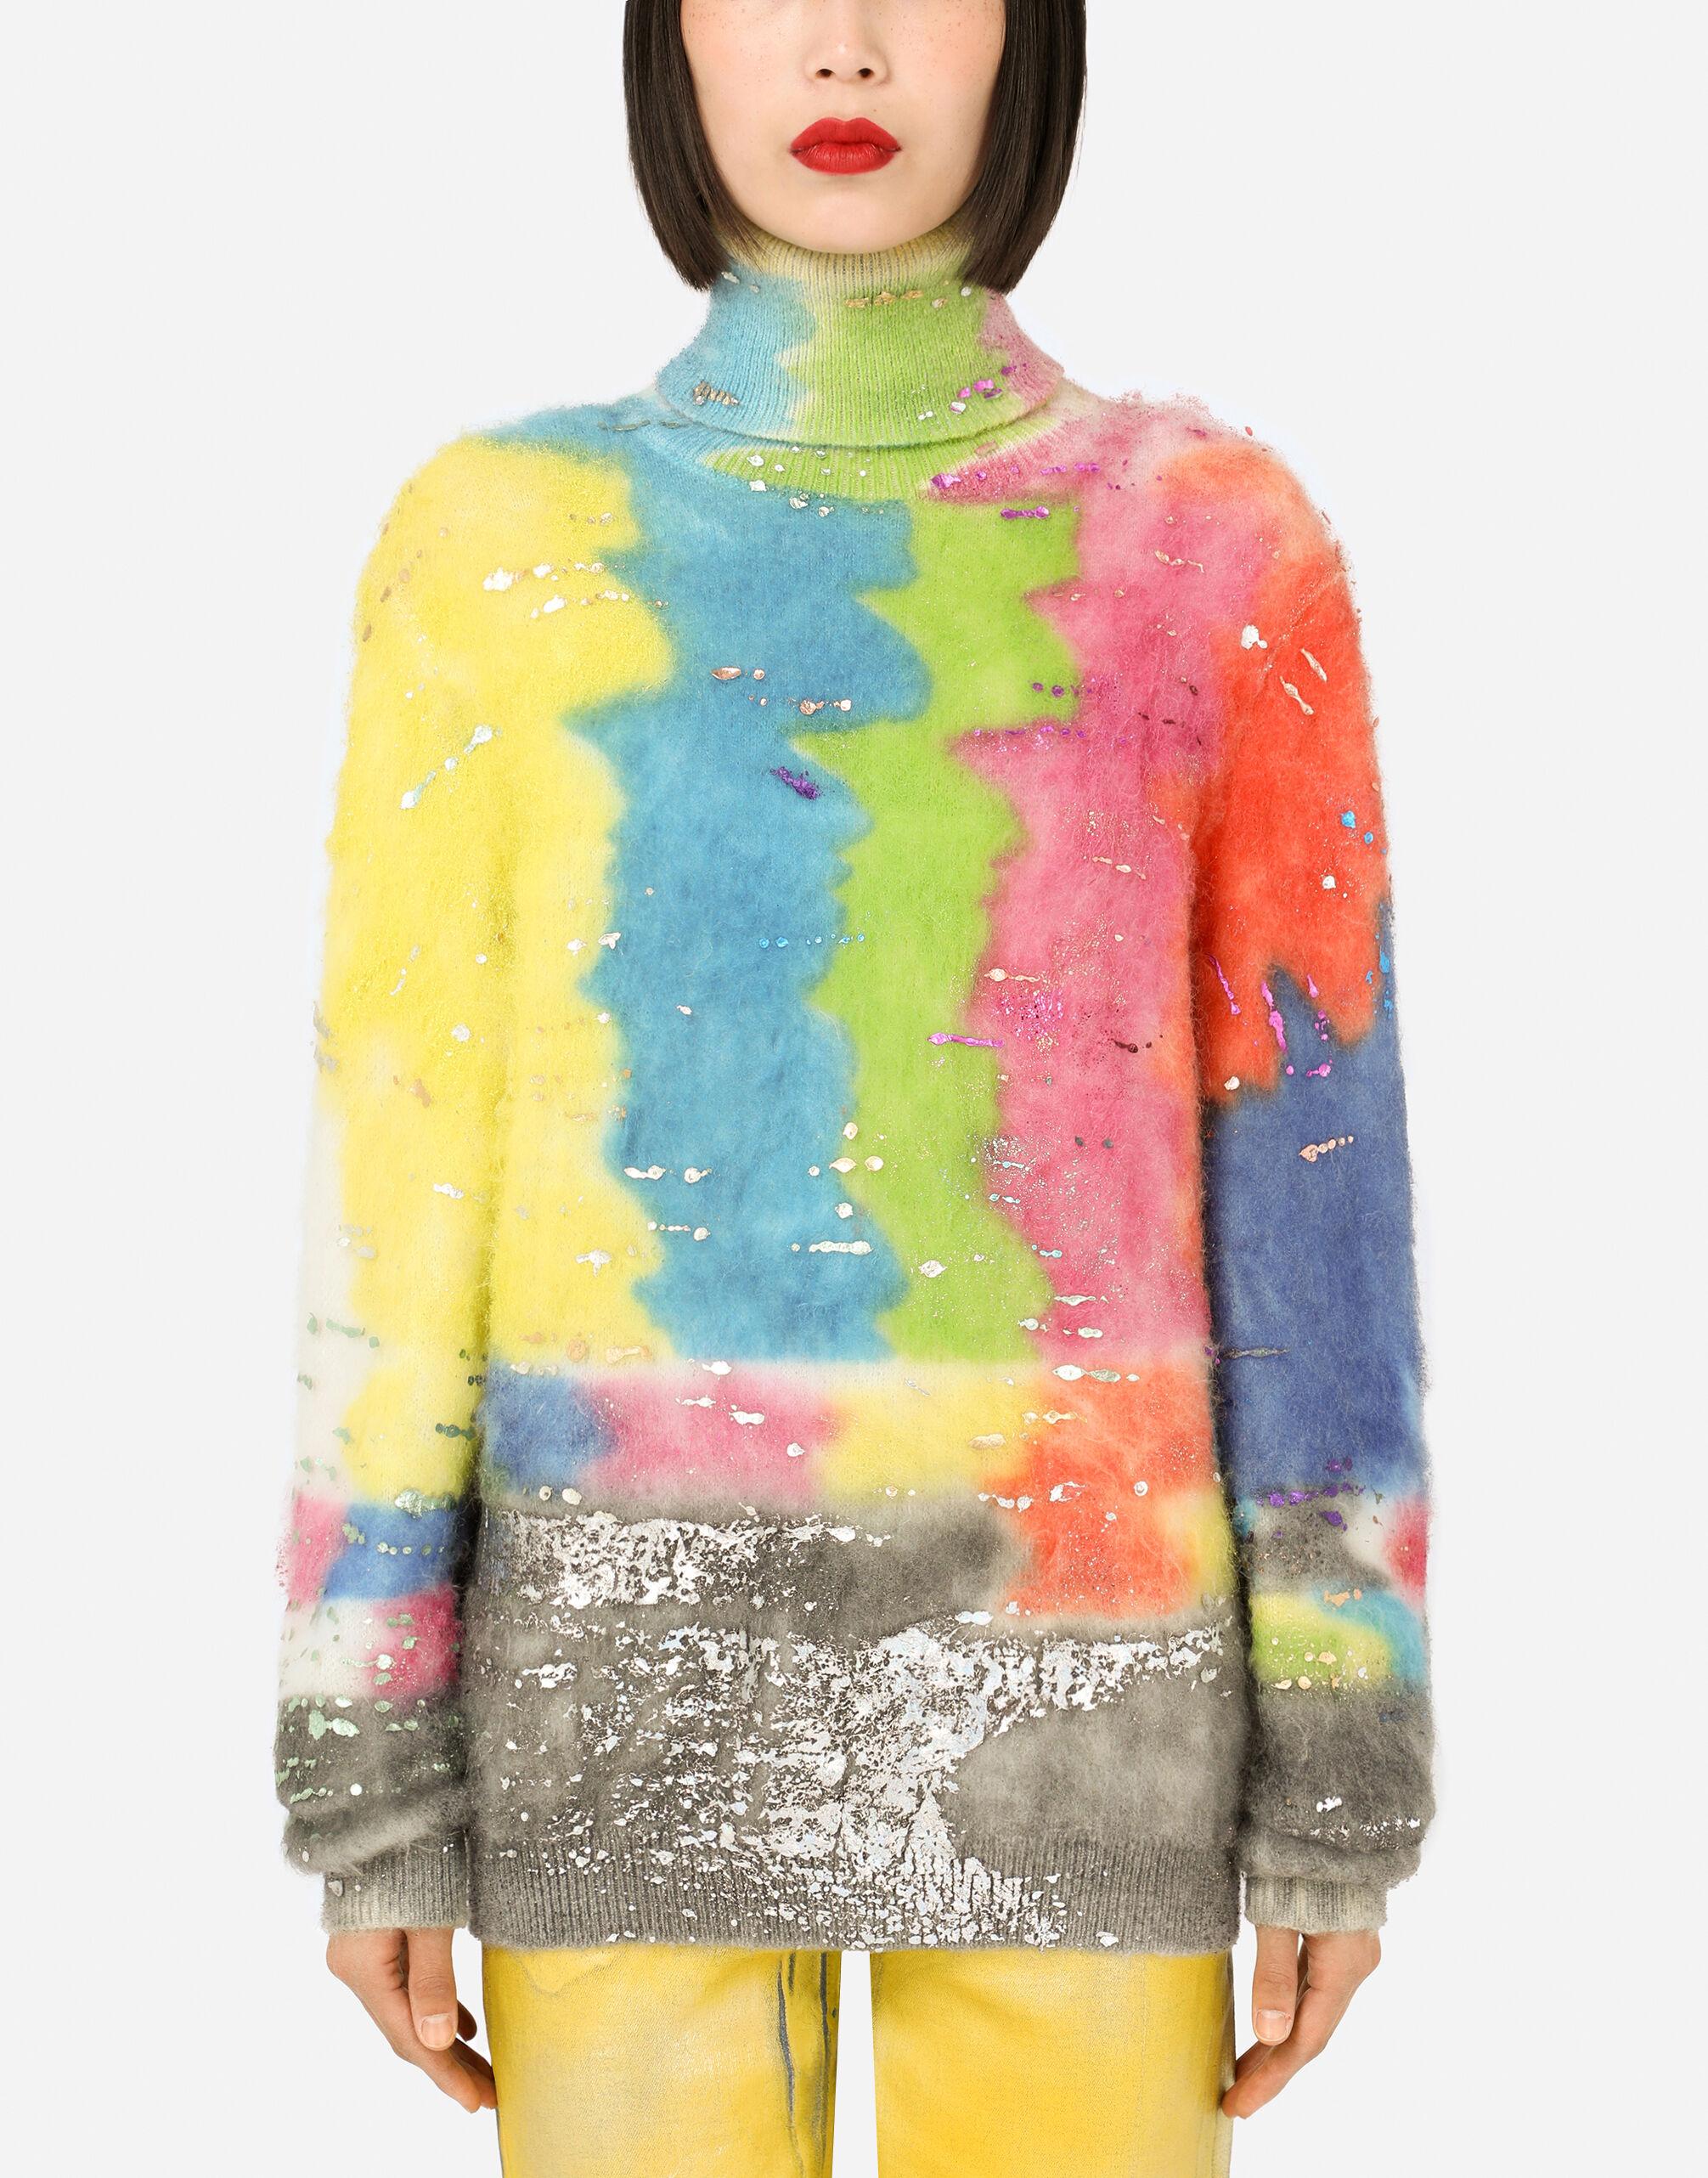 Maglia collo alto multicolor glitch